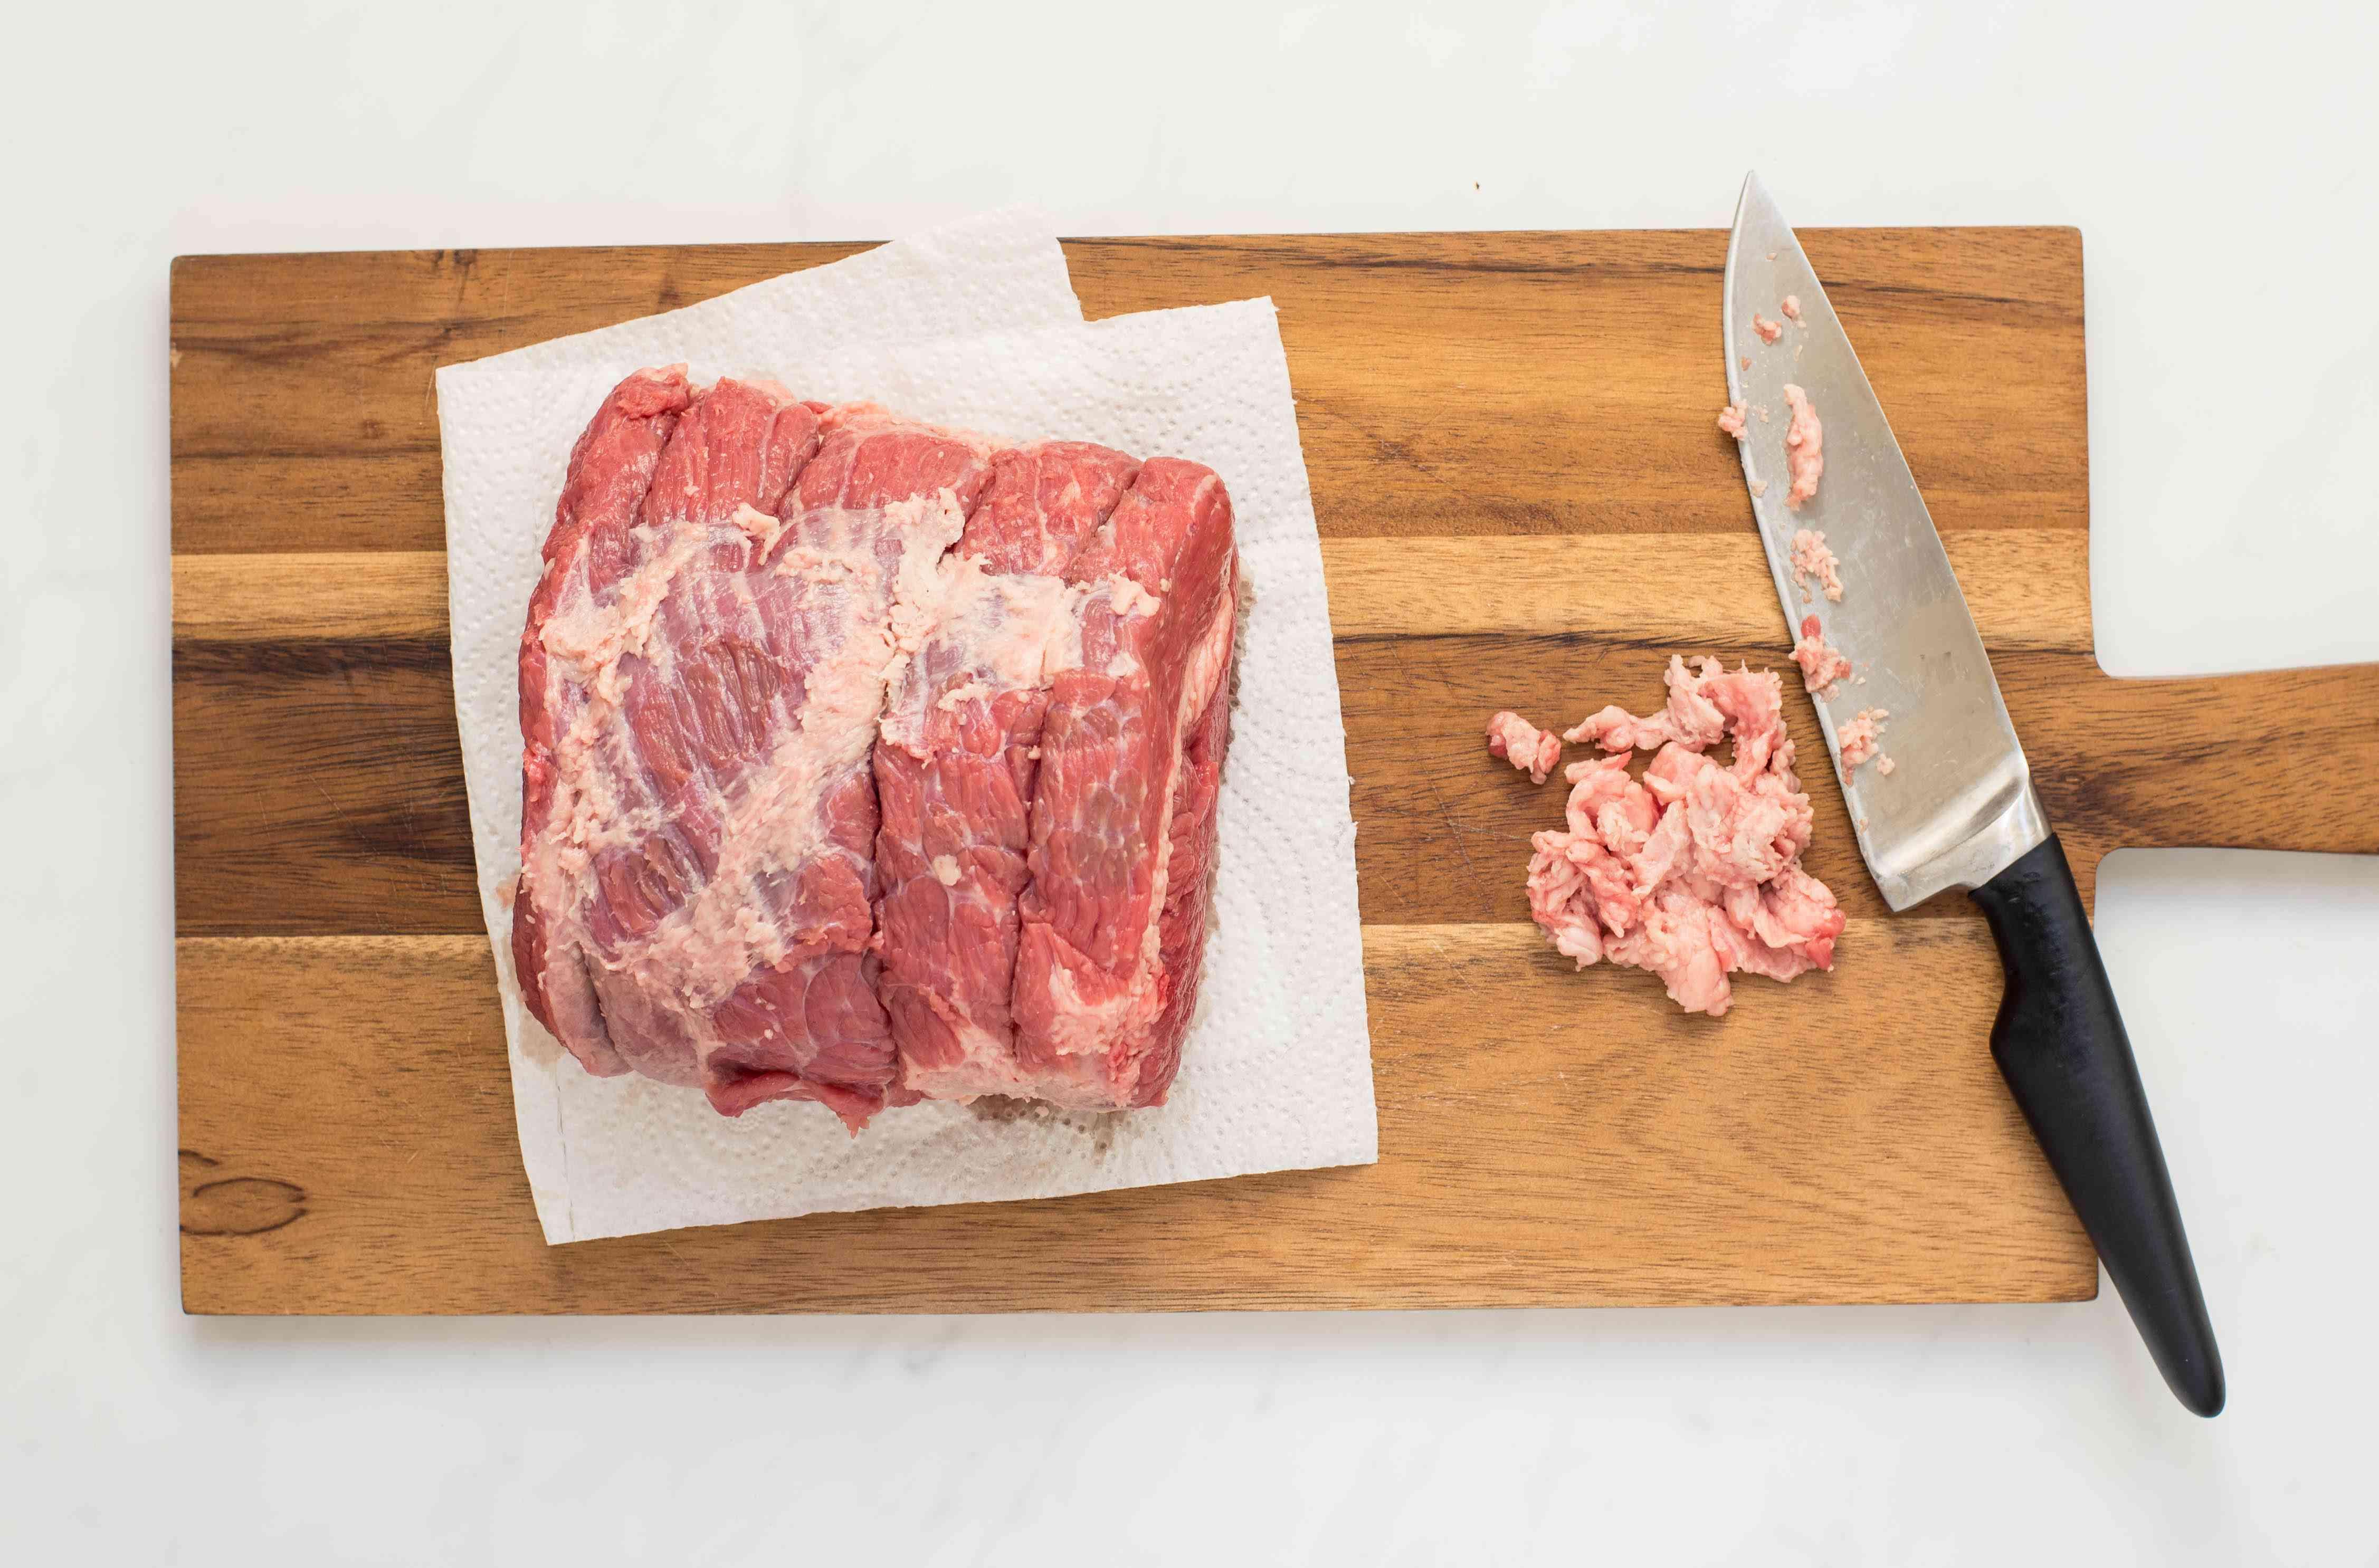 Pat dry and Cut roast